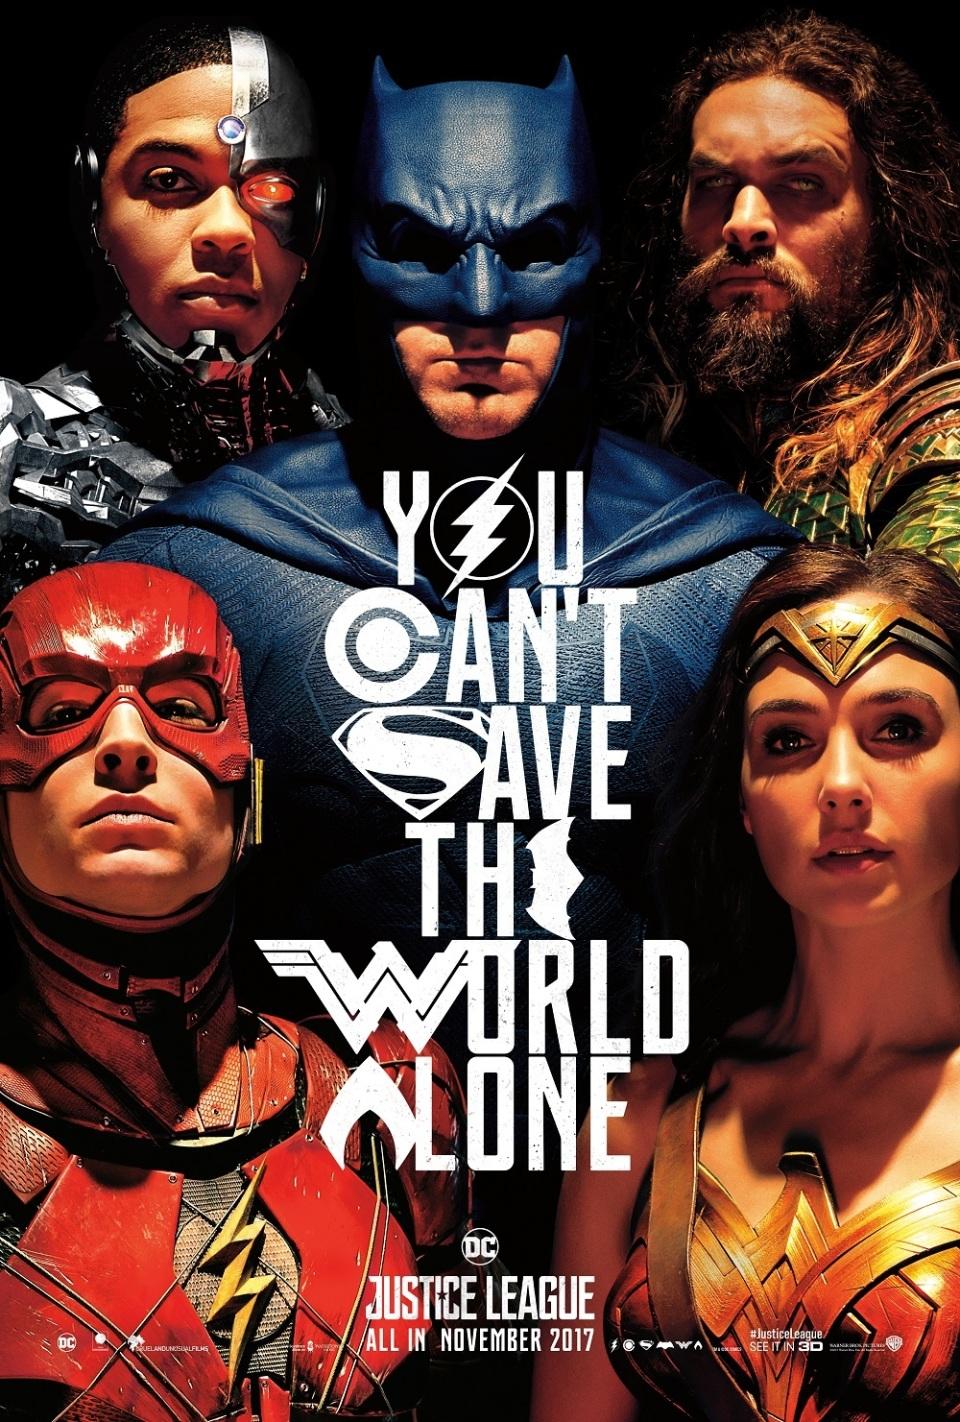 「アベンジャーズ」にはない魅力は?DCコミックスのヒーローが集結「ジャスティス・リーグ」! 3番目の画像